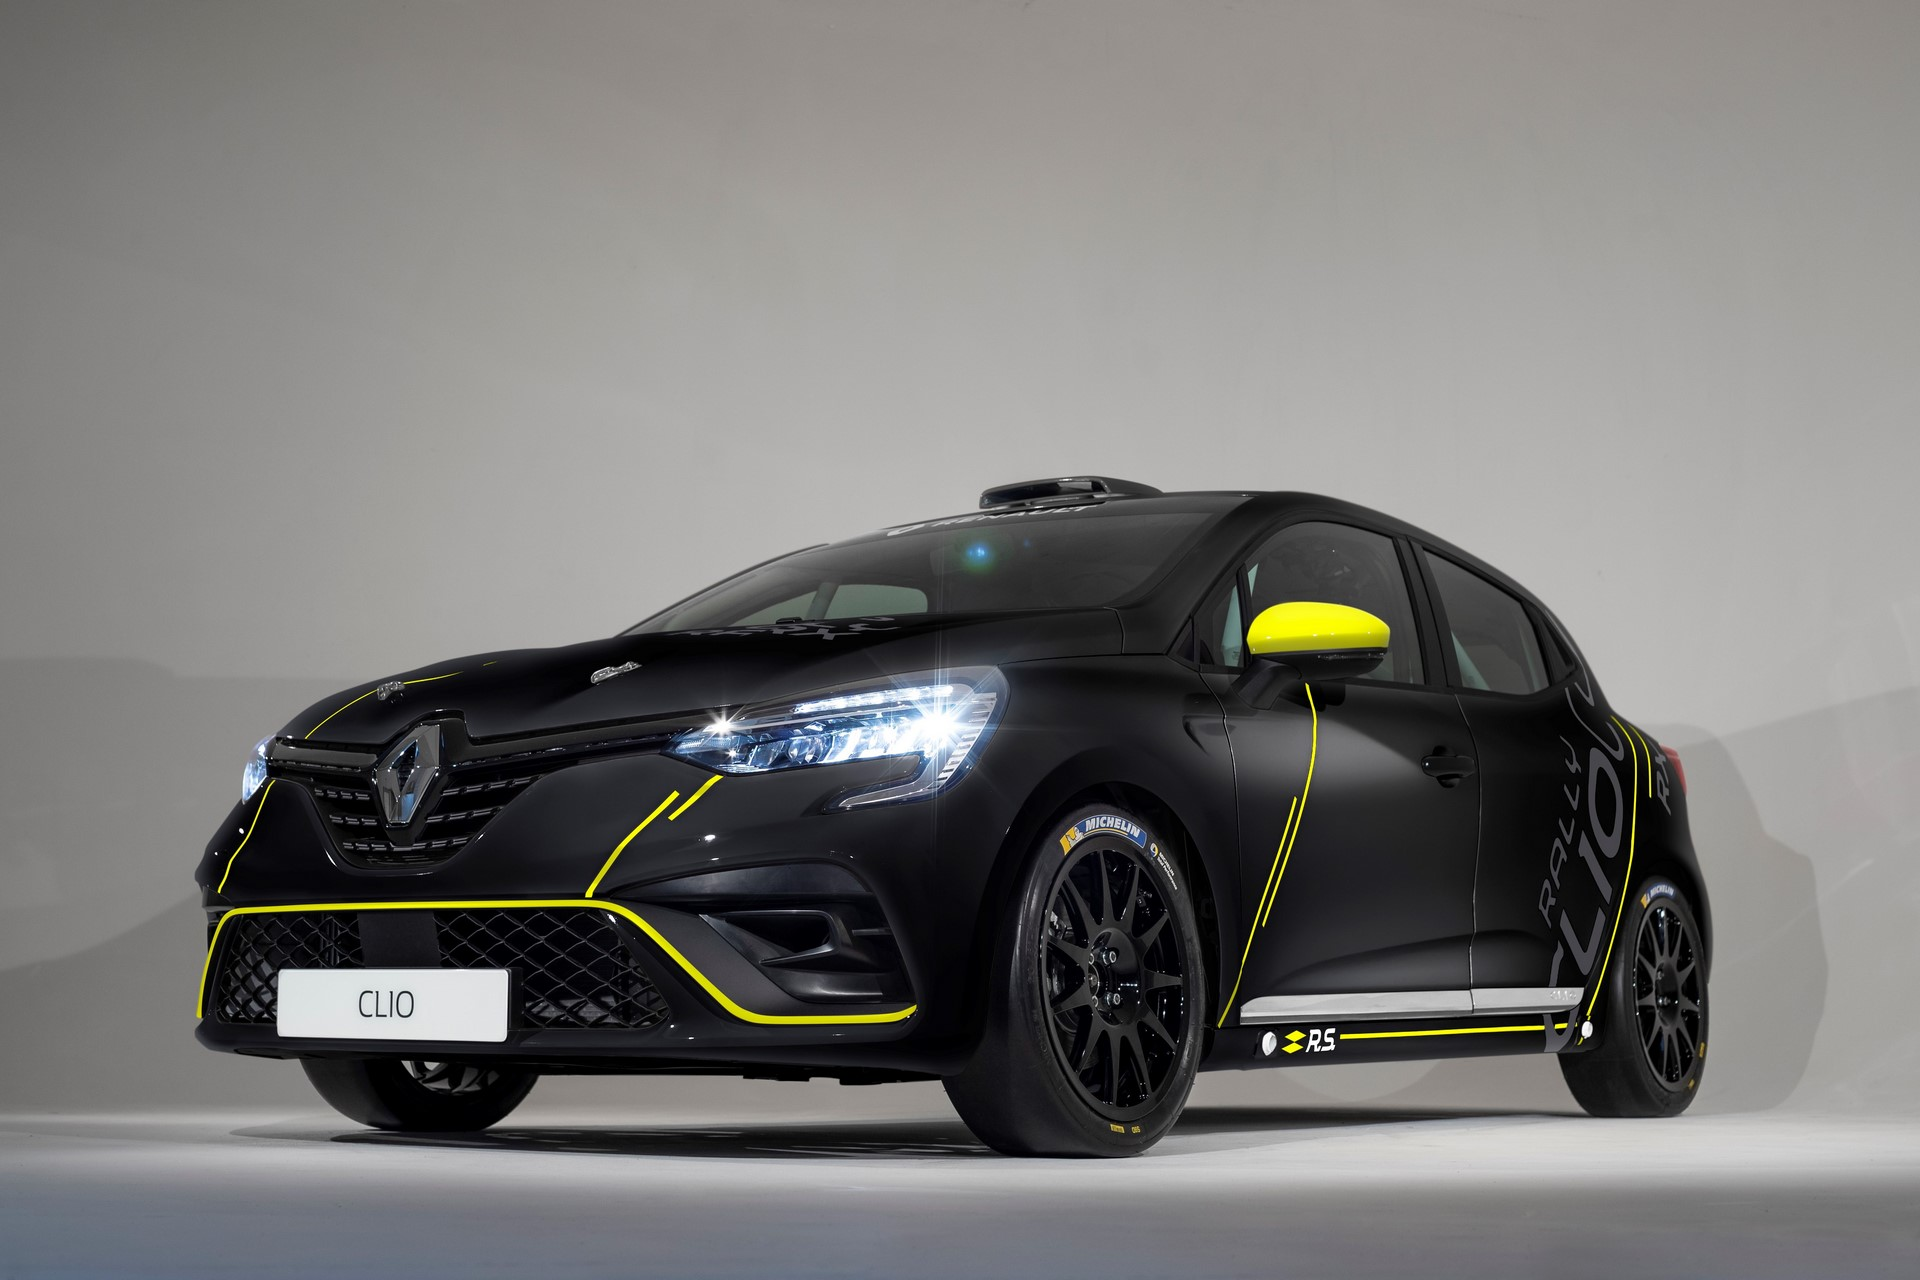 2019 - CLIO Renault Sport Racing